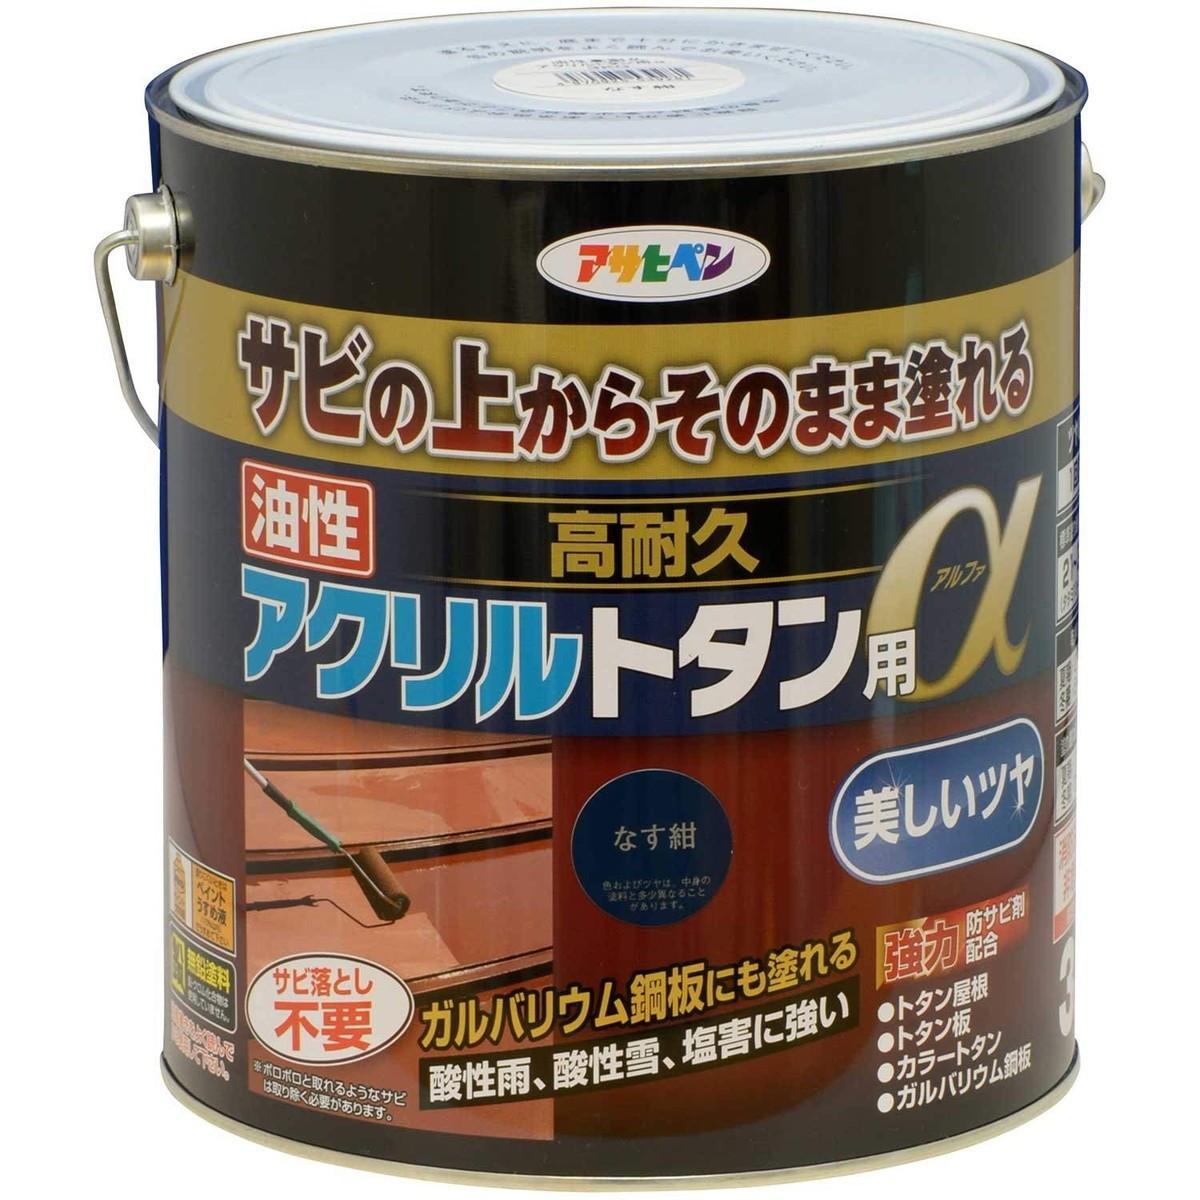 アサヒペン トタン用塗料 3kg なす紺【クーポン配布中】